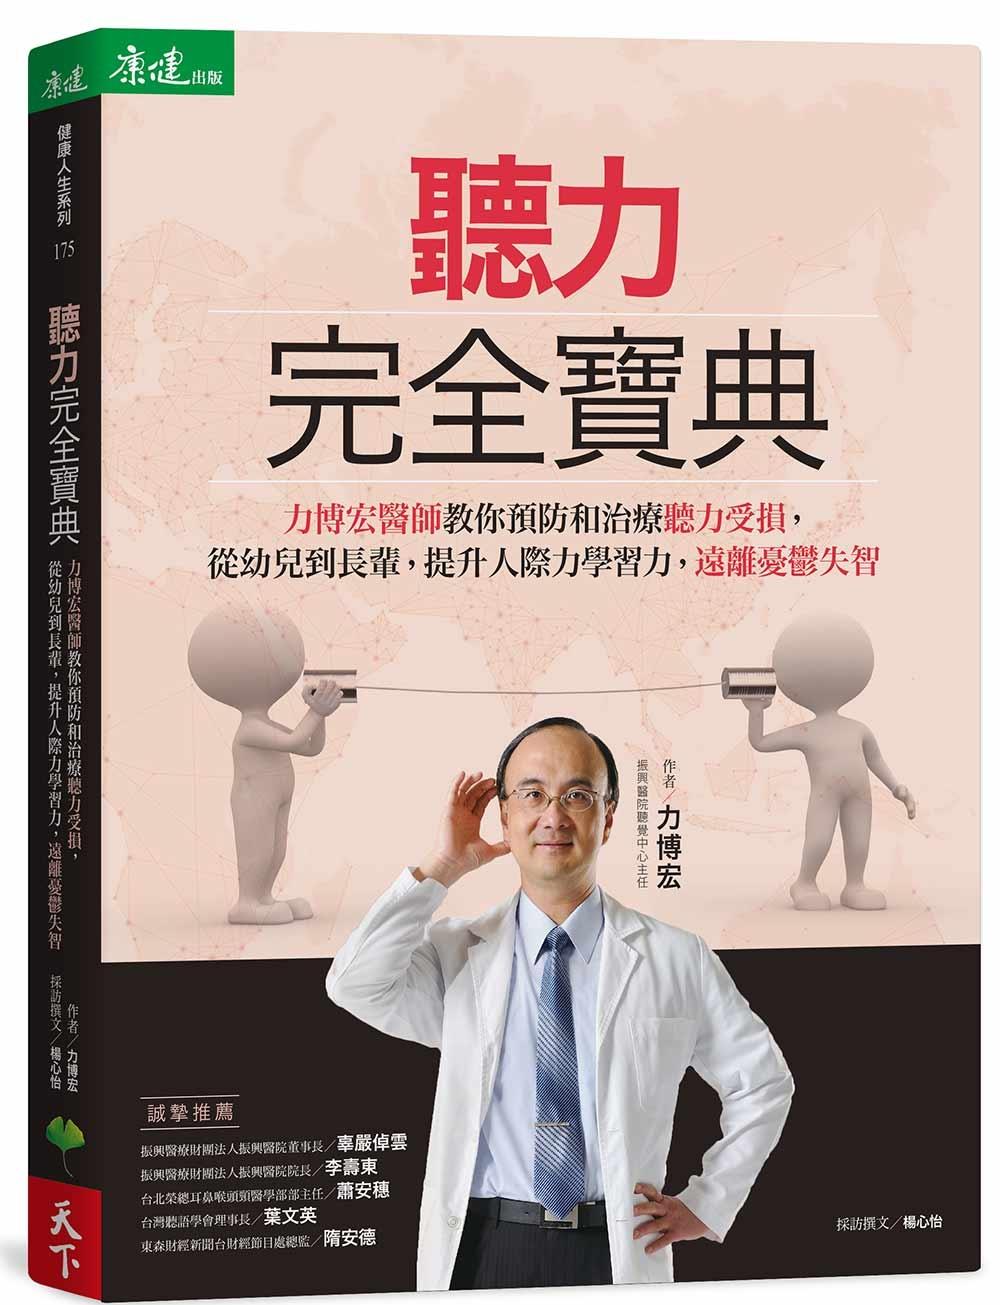 聽力完全寶典:力博宏教你預防和治療聽力受損,從幼兒到長輩,提升人際力學習力,遠離憂鬱失智